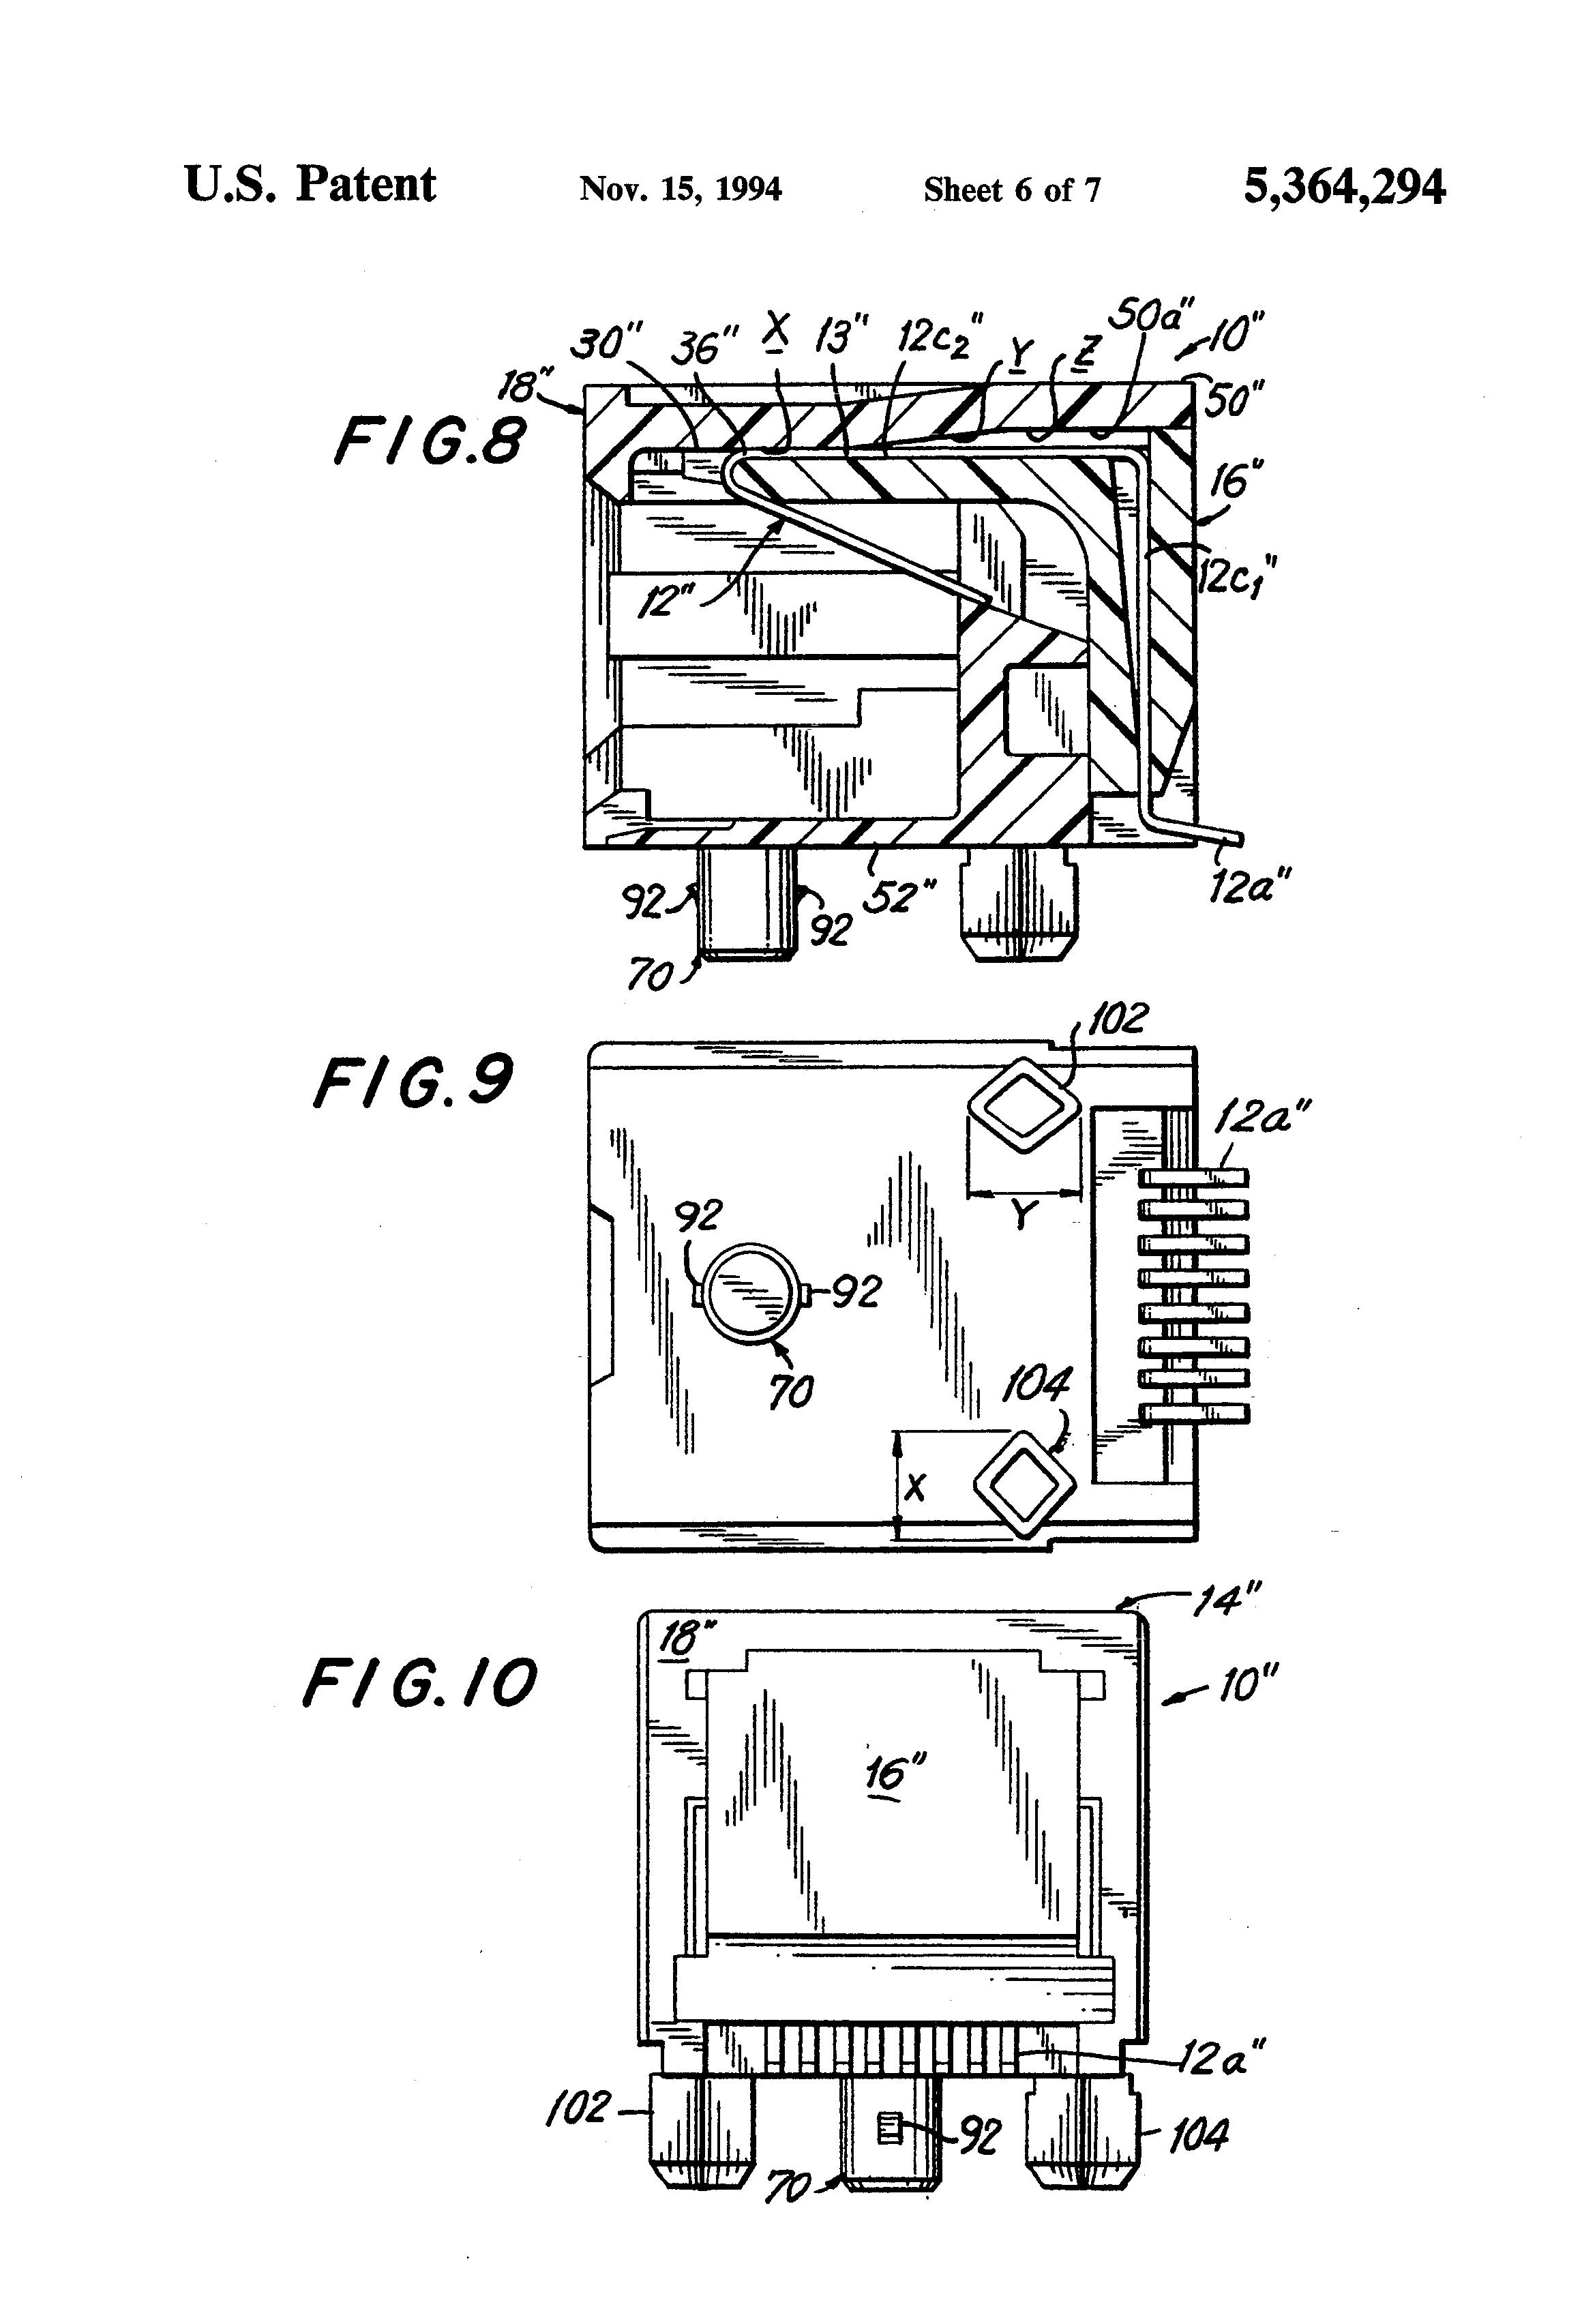 Pioneer Dehx4600bt Wiringdiagram Wedocable Diagram Data Schema